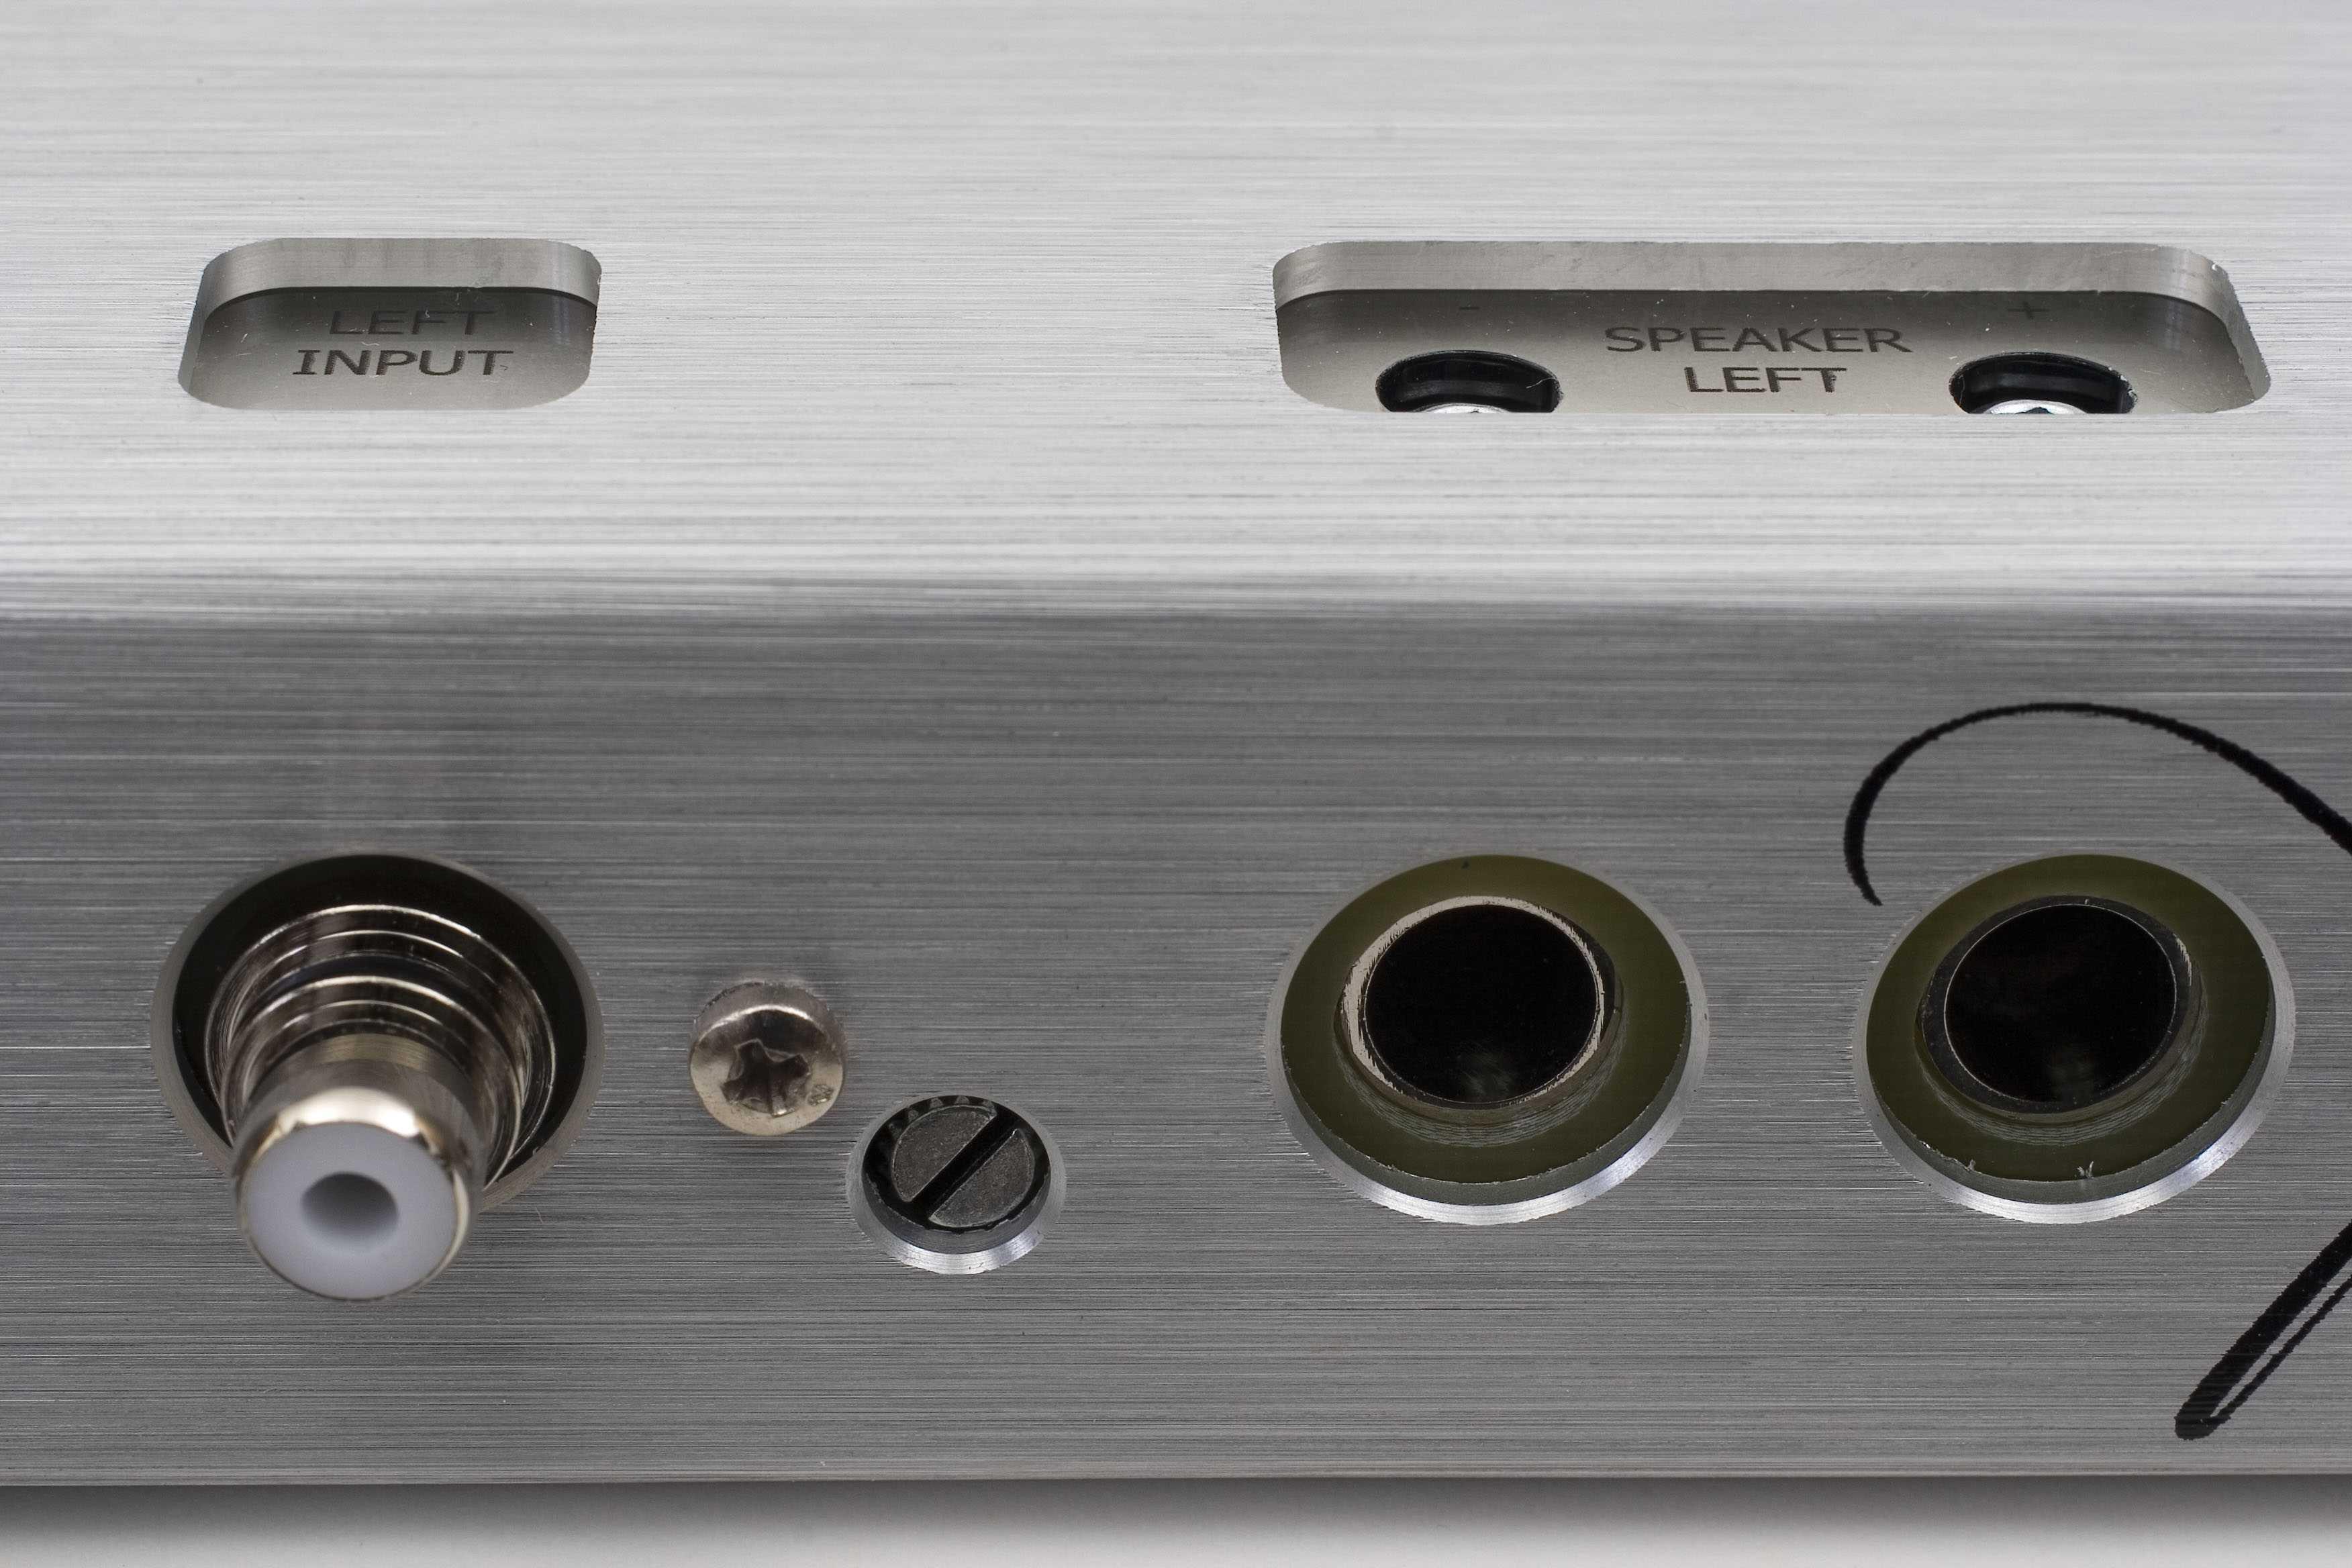 RCA de entrada lado izquierdo, y canales de salida para altavoces izquierdos, con su ajuste de ganancia dedicado